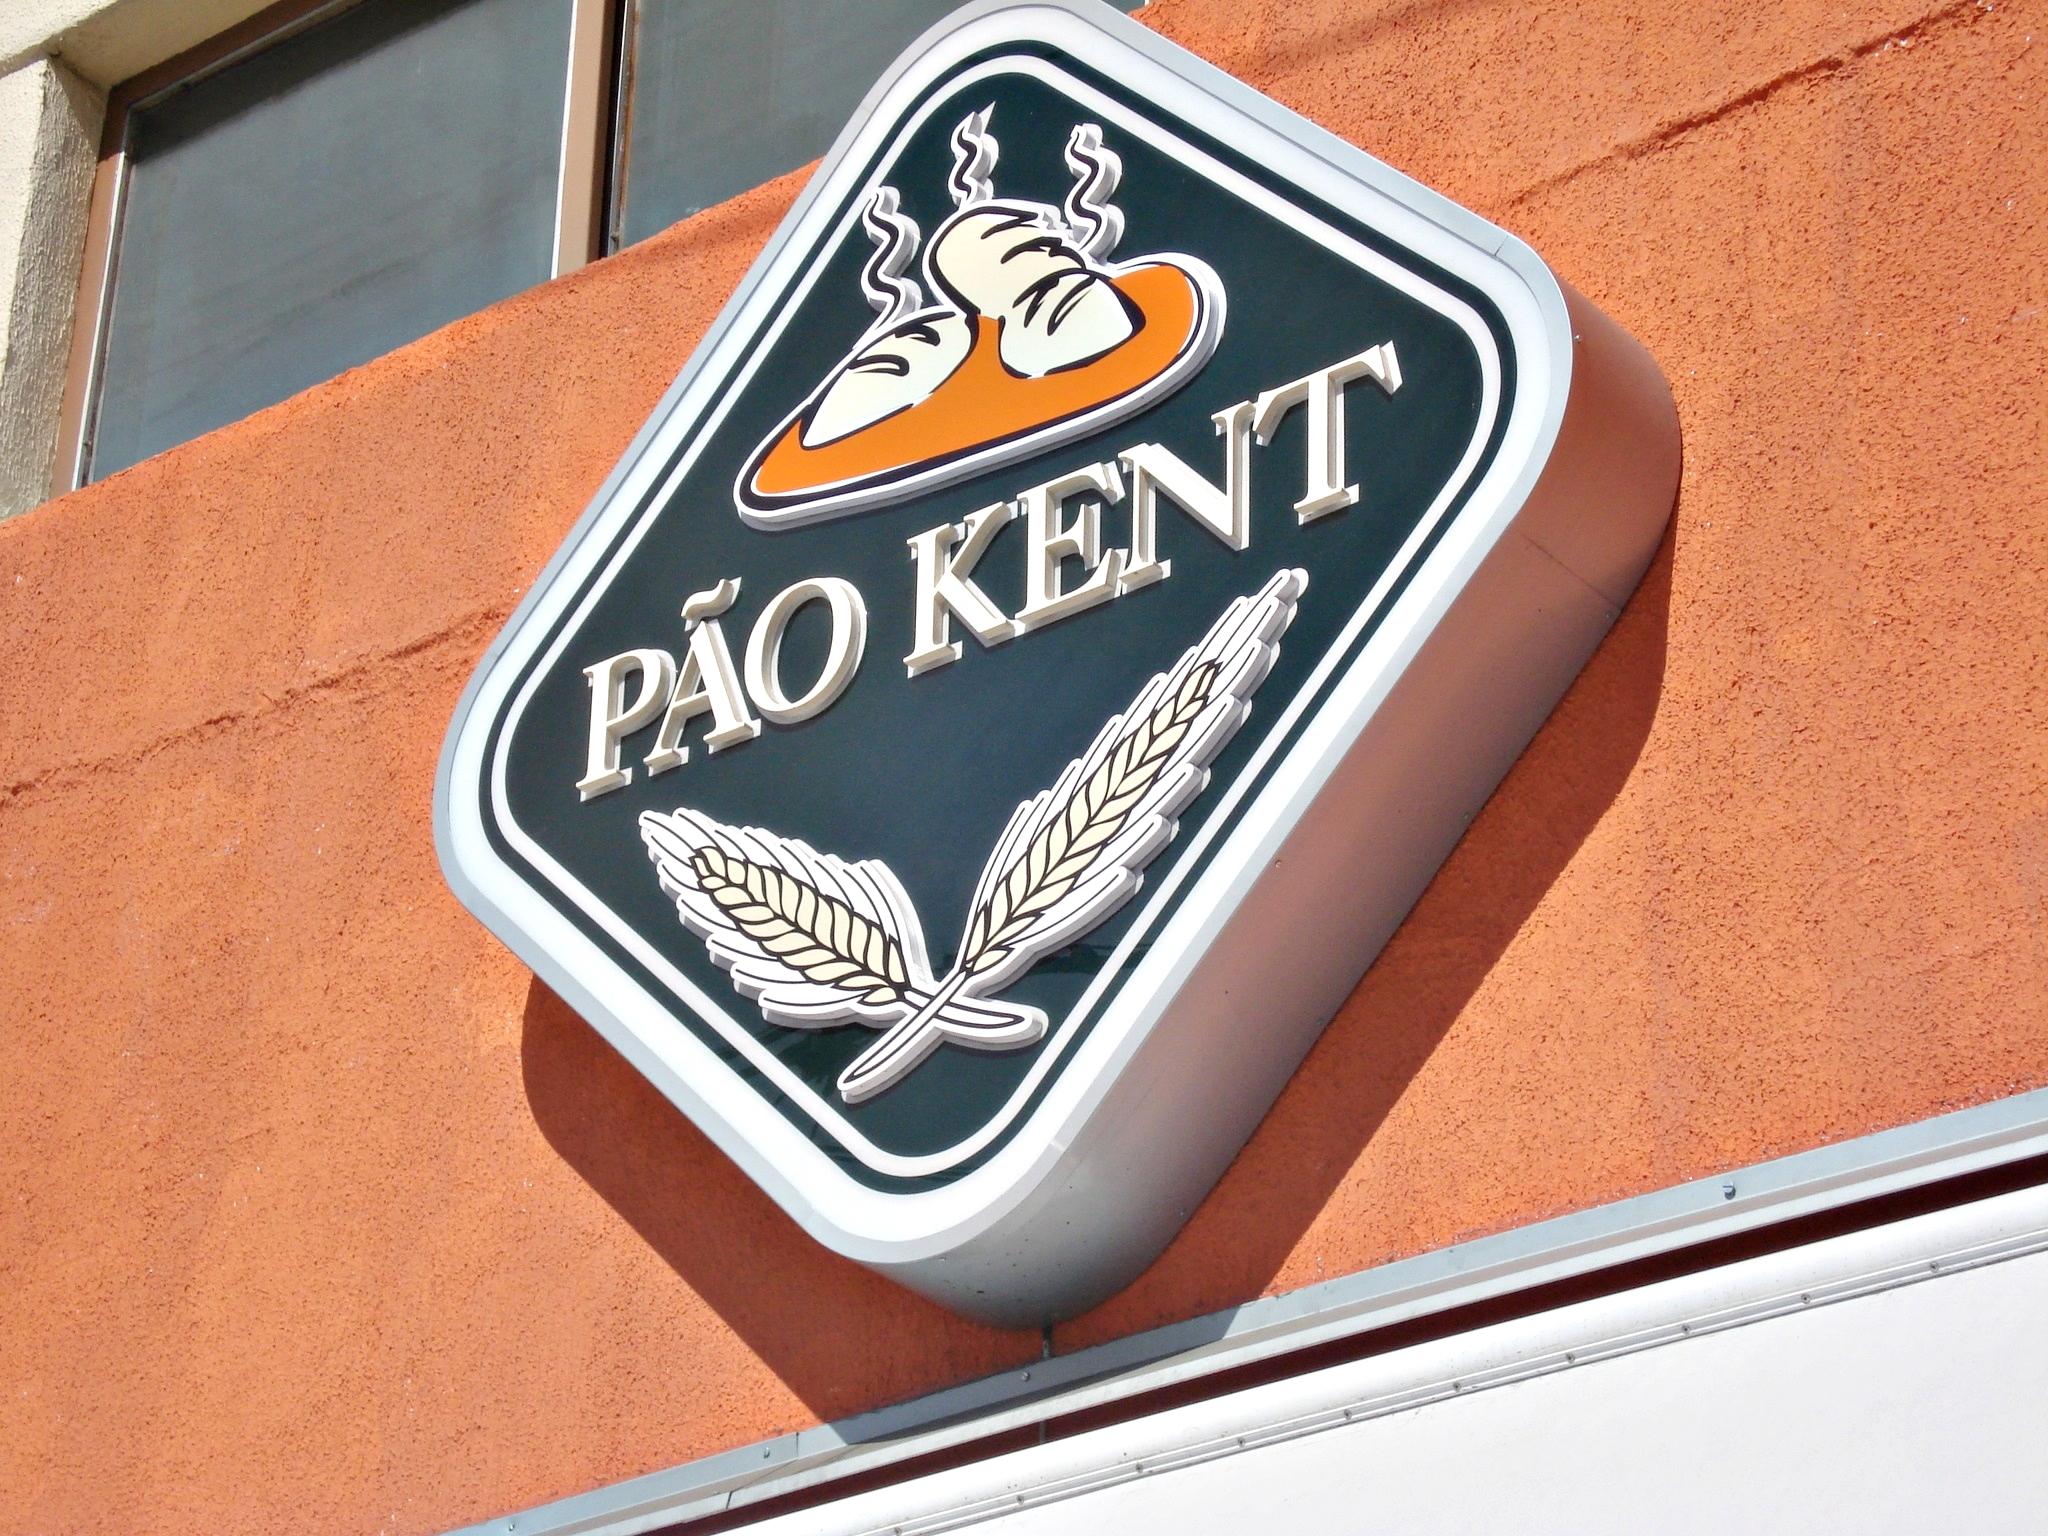 PÃO_KENT